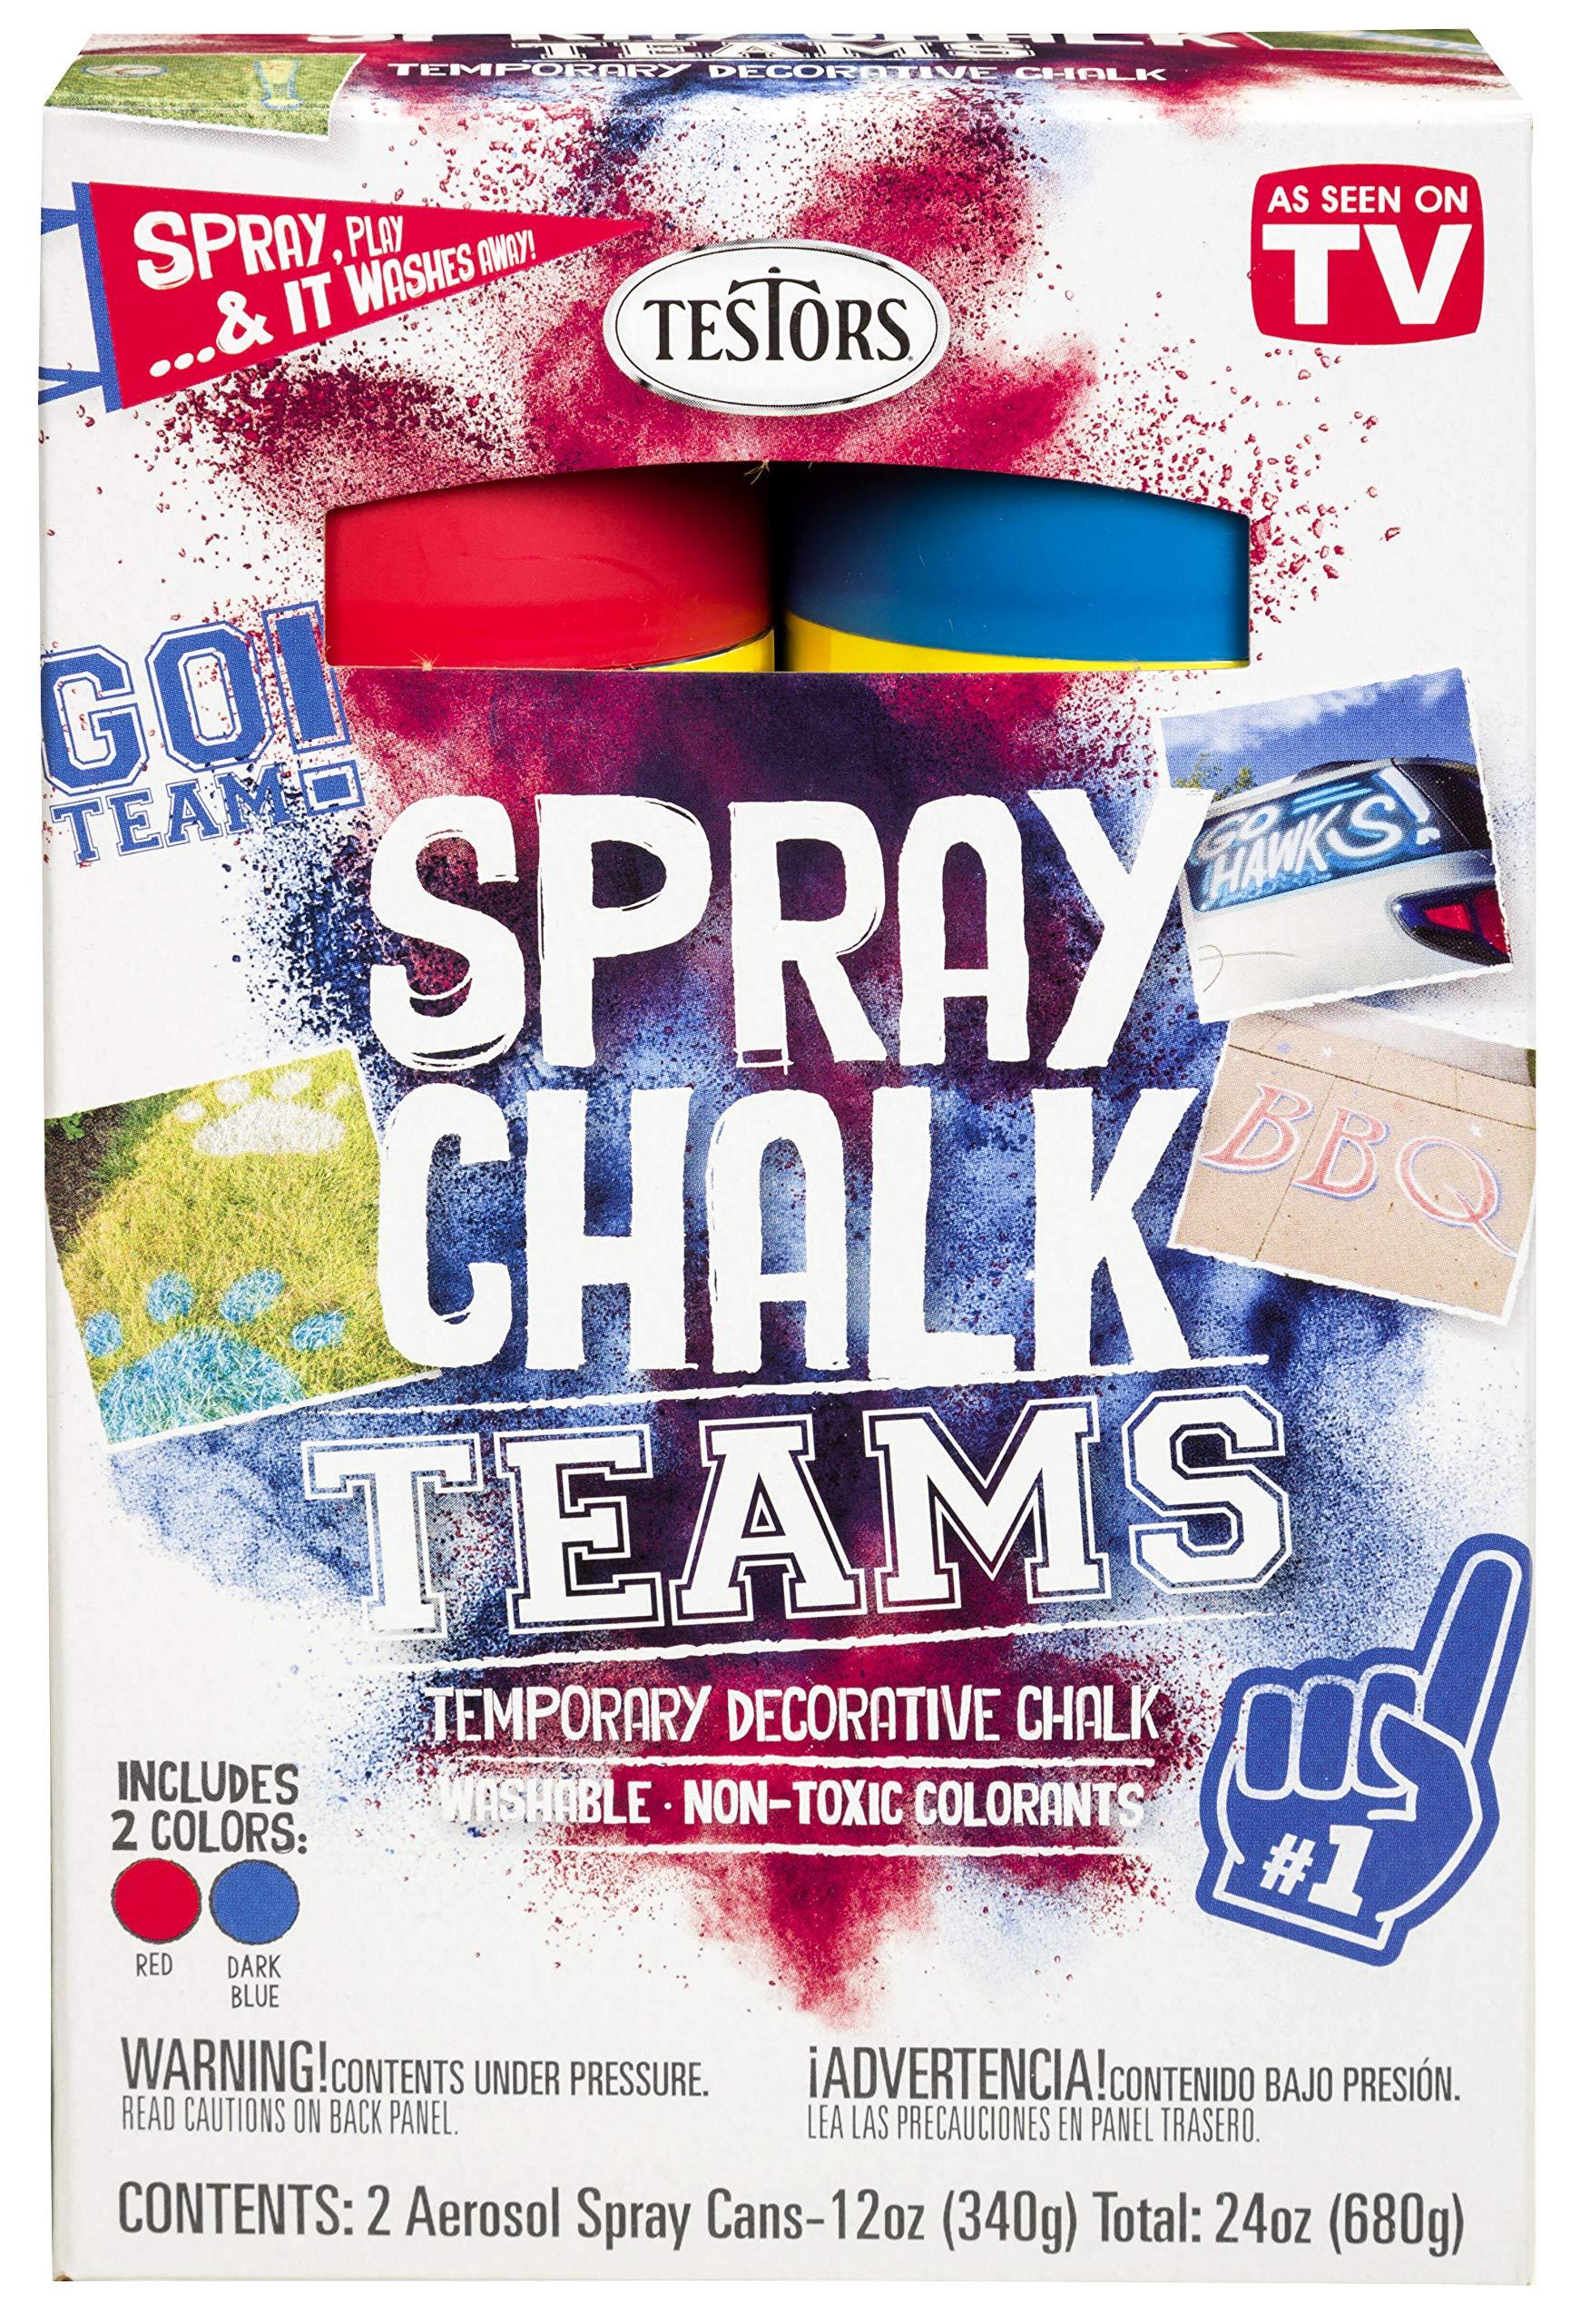 Testors 334341 Teams Spray Chalk, Red/Dark Blue by Testors